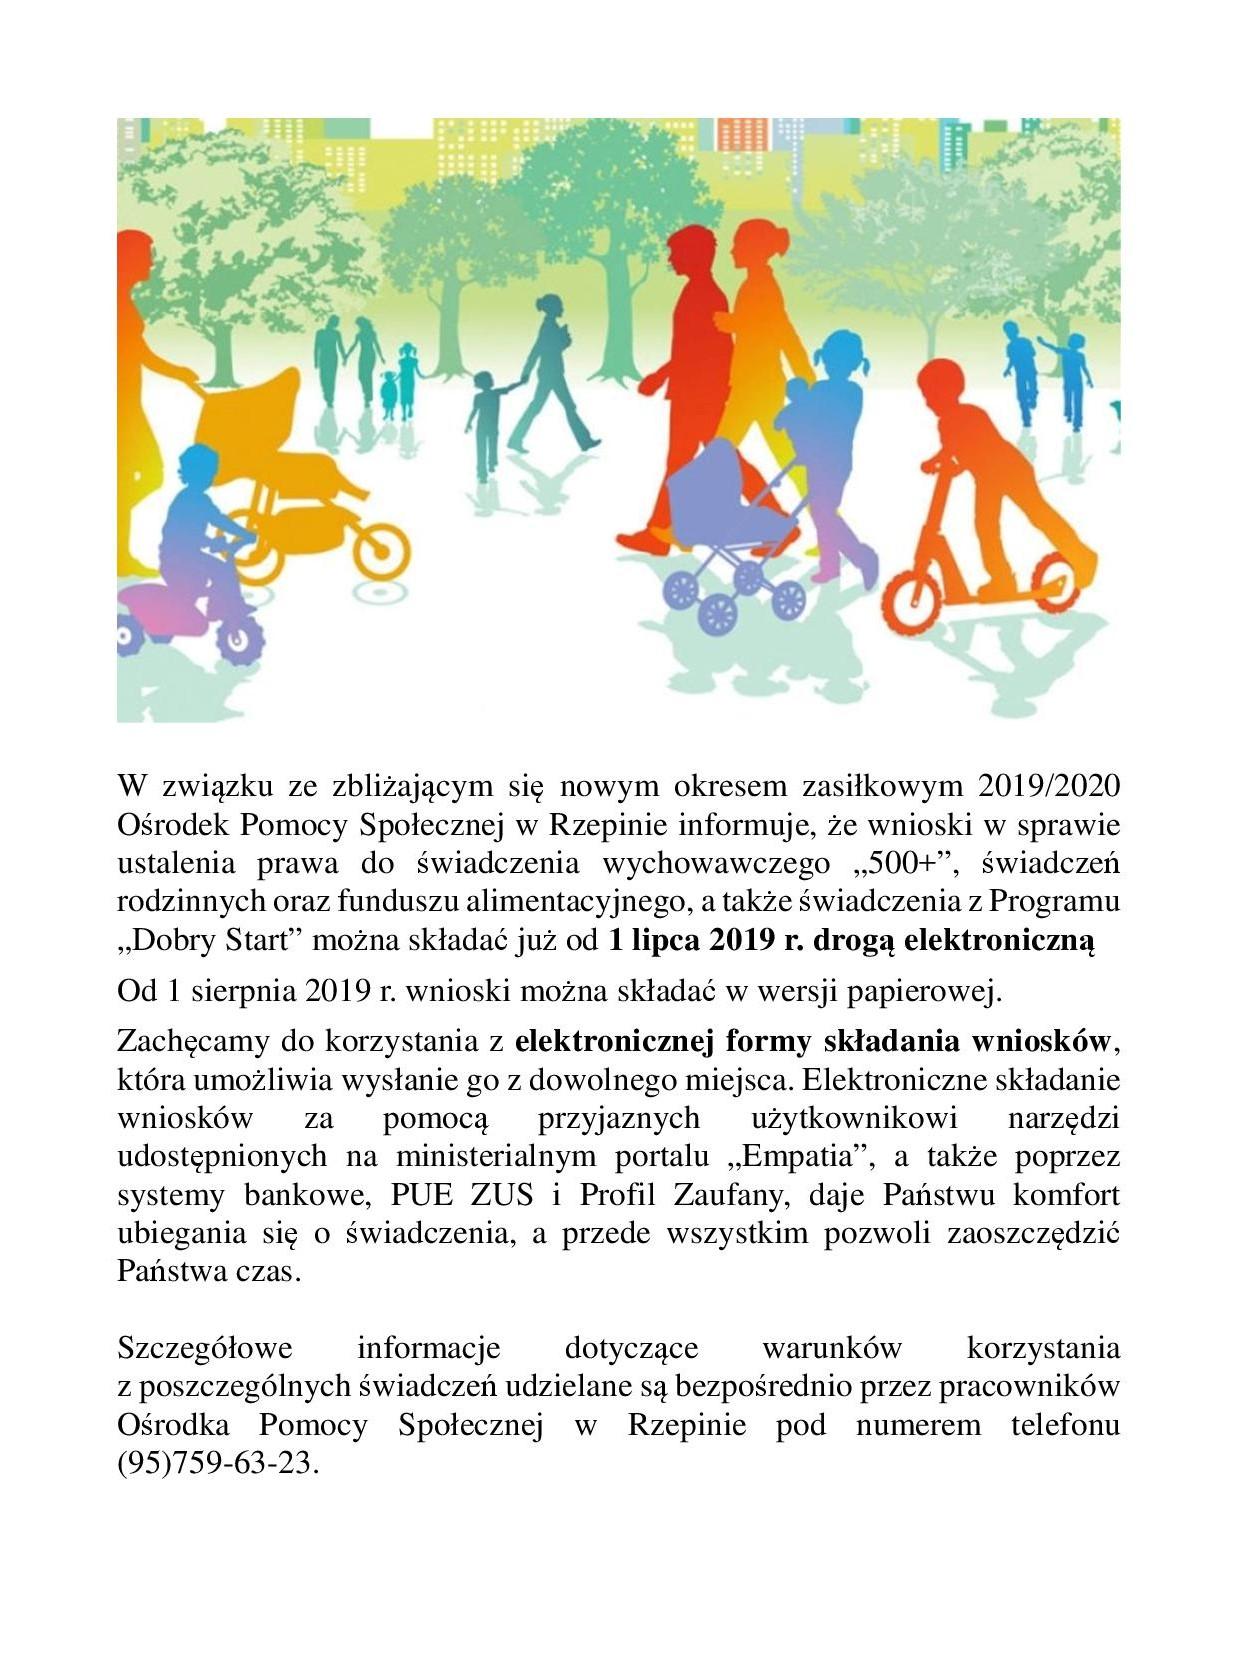 Ilustracja do informacji: Informacja Ośrodka Pomocy Społecznej w Rzepinie - nowy okres zasiłkowy.